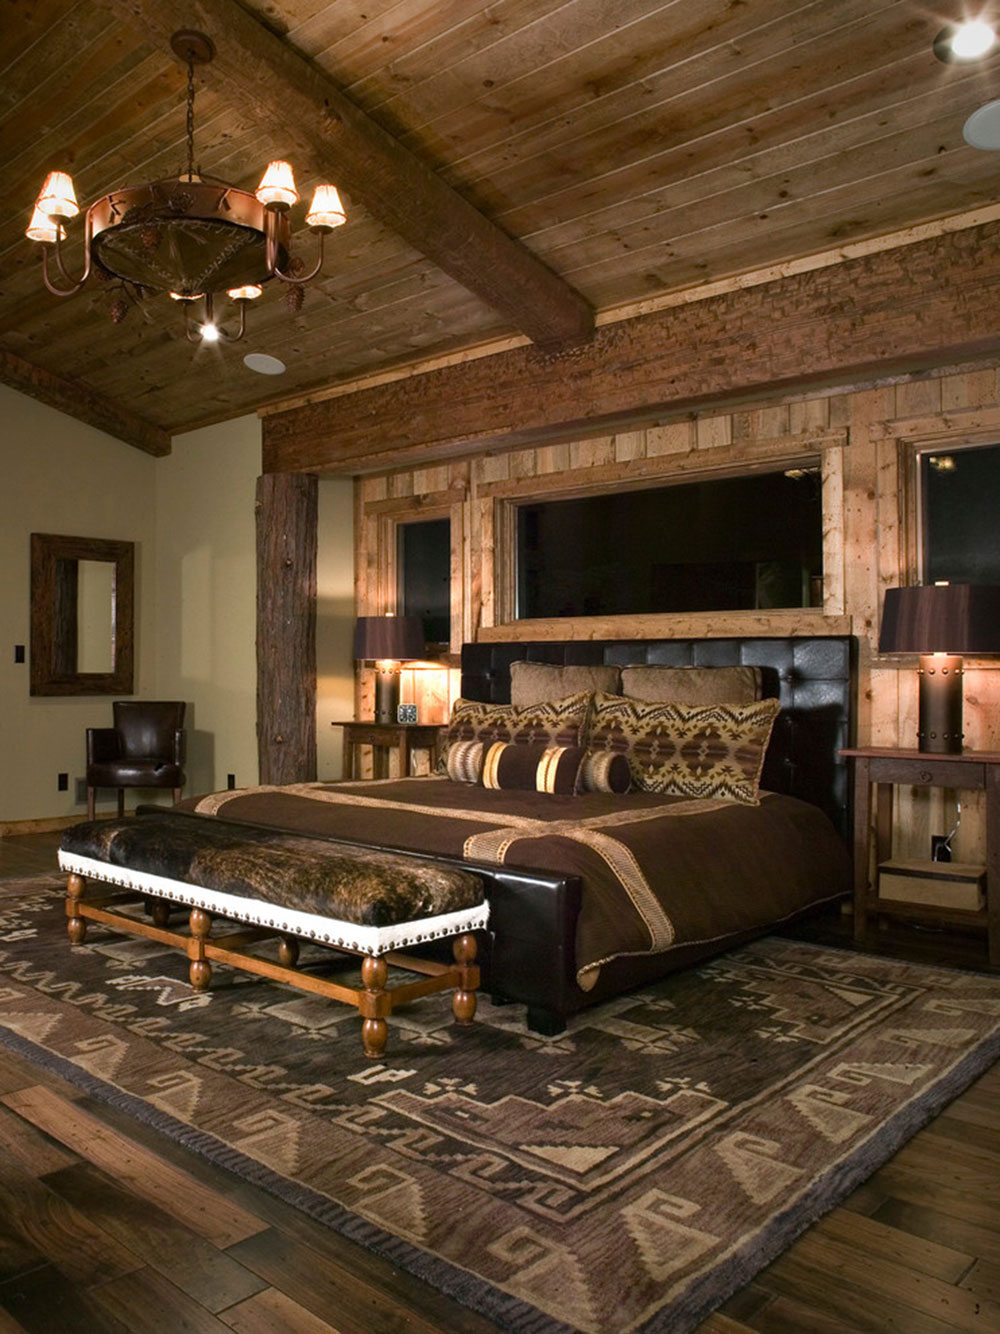 Rustic-Bedroom-Design-Ideas-That-Exude-Comfort-9 Rustic-Bedroom-Design-Ideas That Exude Comfort